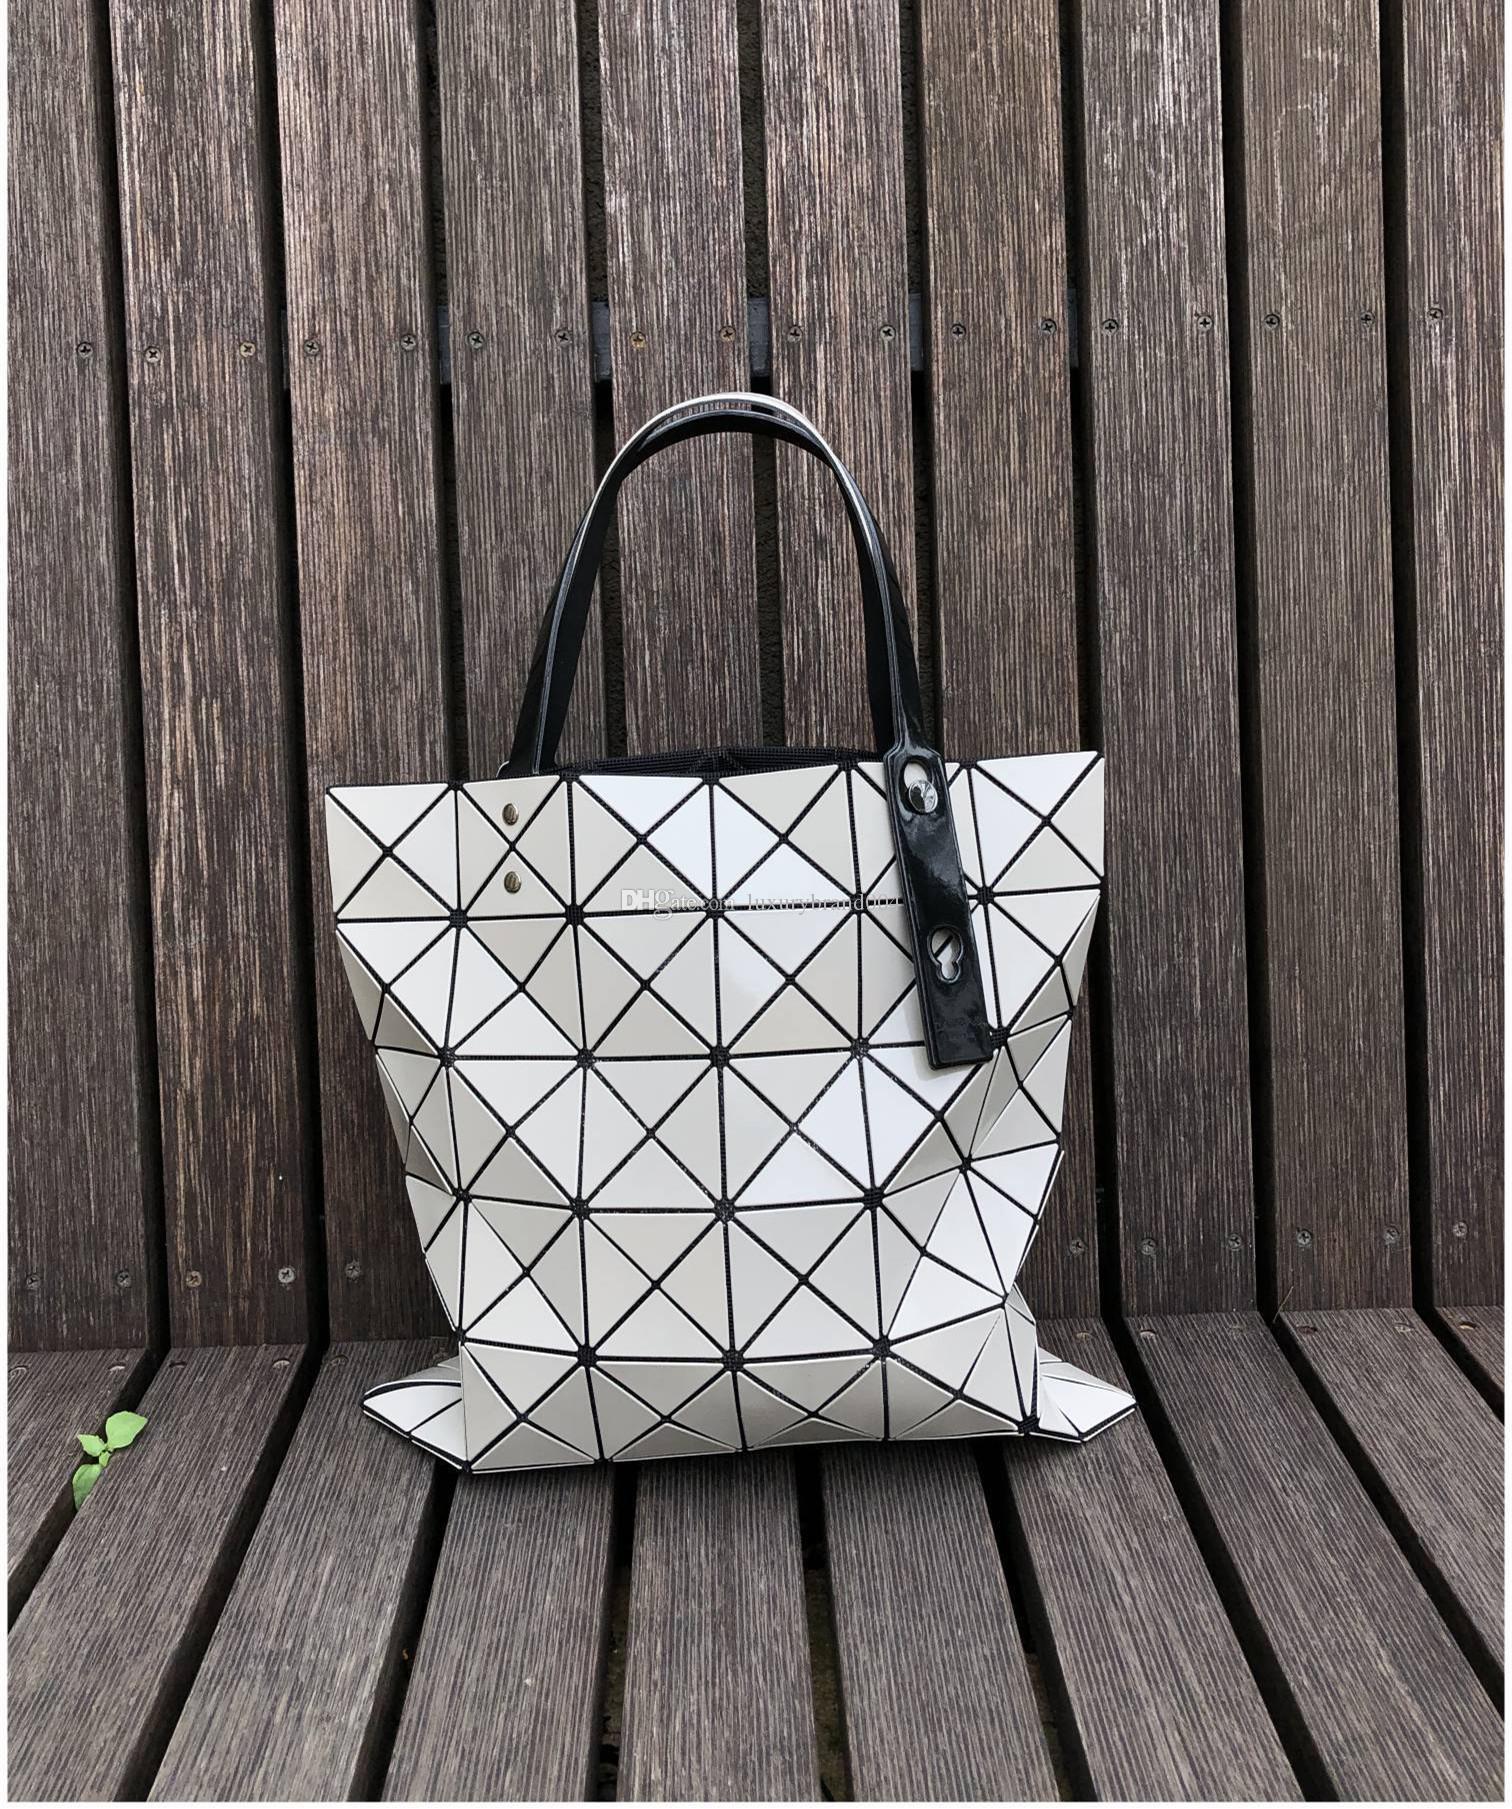 2019 Bao Bao Moda Çanta Lazer Geometri Elmas Şekli PVC holografik çanta Patchwork Kadınlar Totes Omuz Çantası boyutu 34x34cm